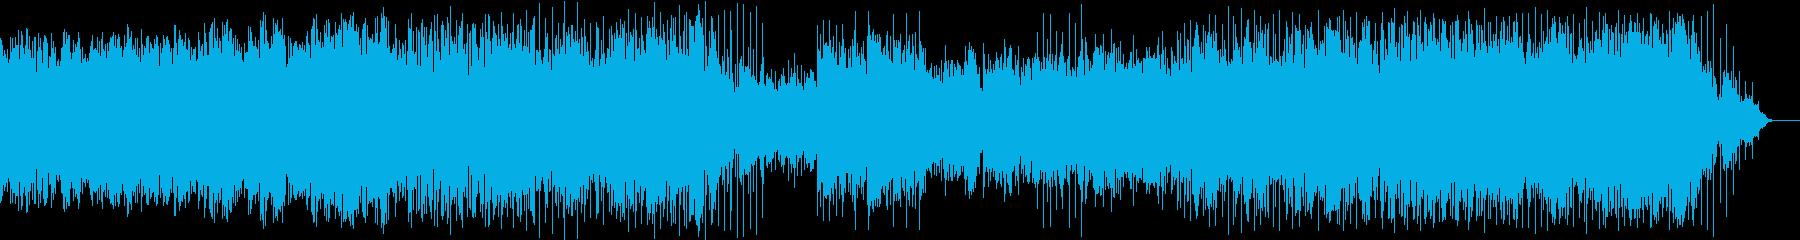 神秘的な雰囲気のアンビエント・ポップスの再生済みの波形